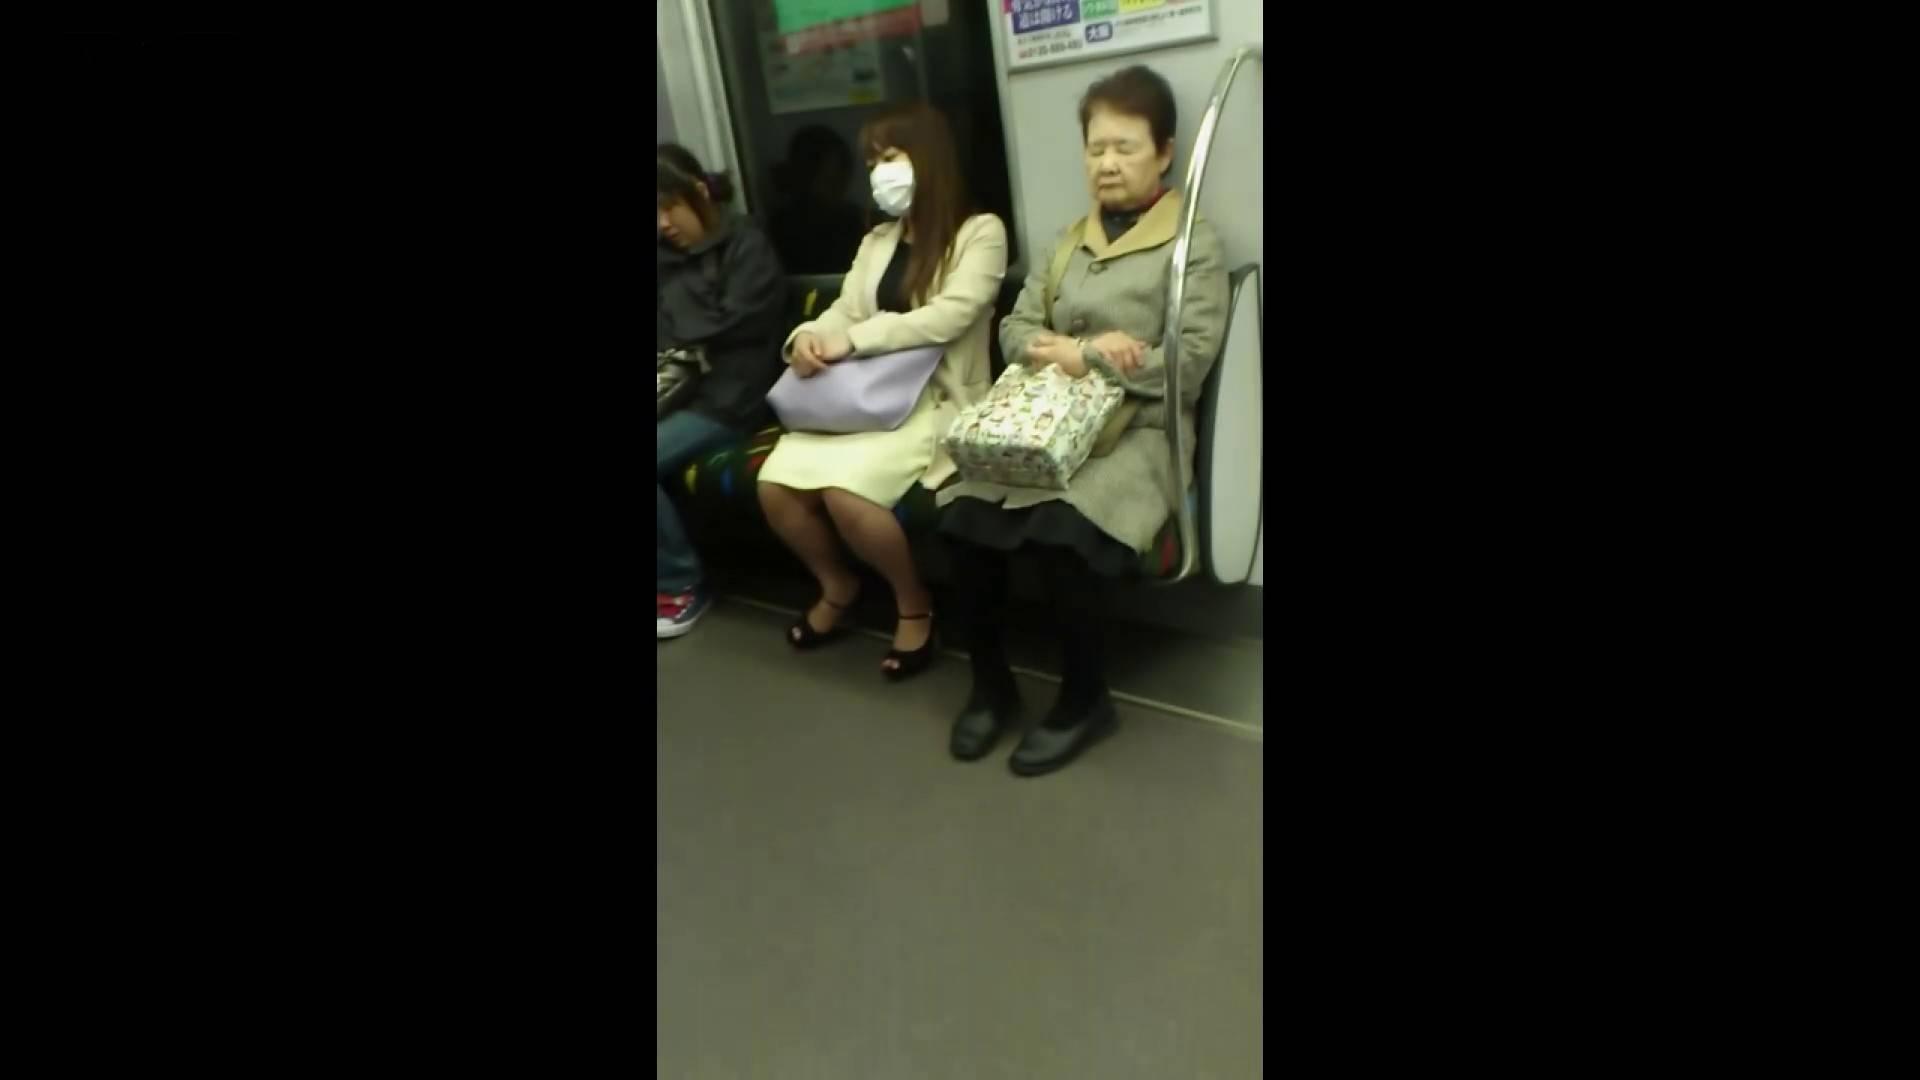 盗撮列車 Vol.55 黄色の爽やかなスカートが大好きです。 盗撮エロすぎ | OL  38連発 28